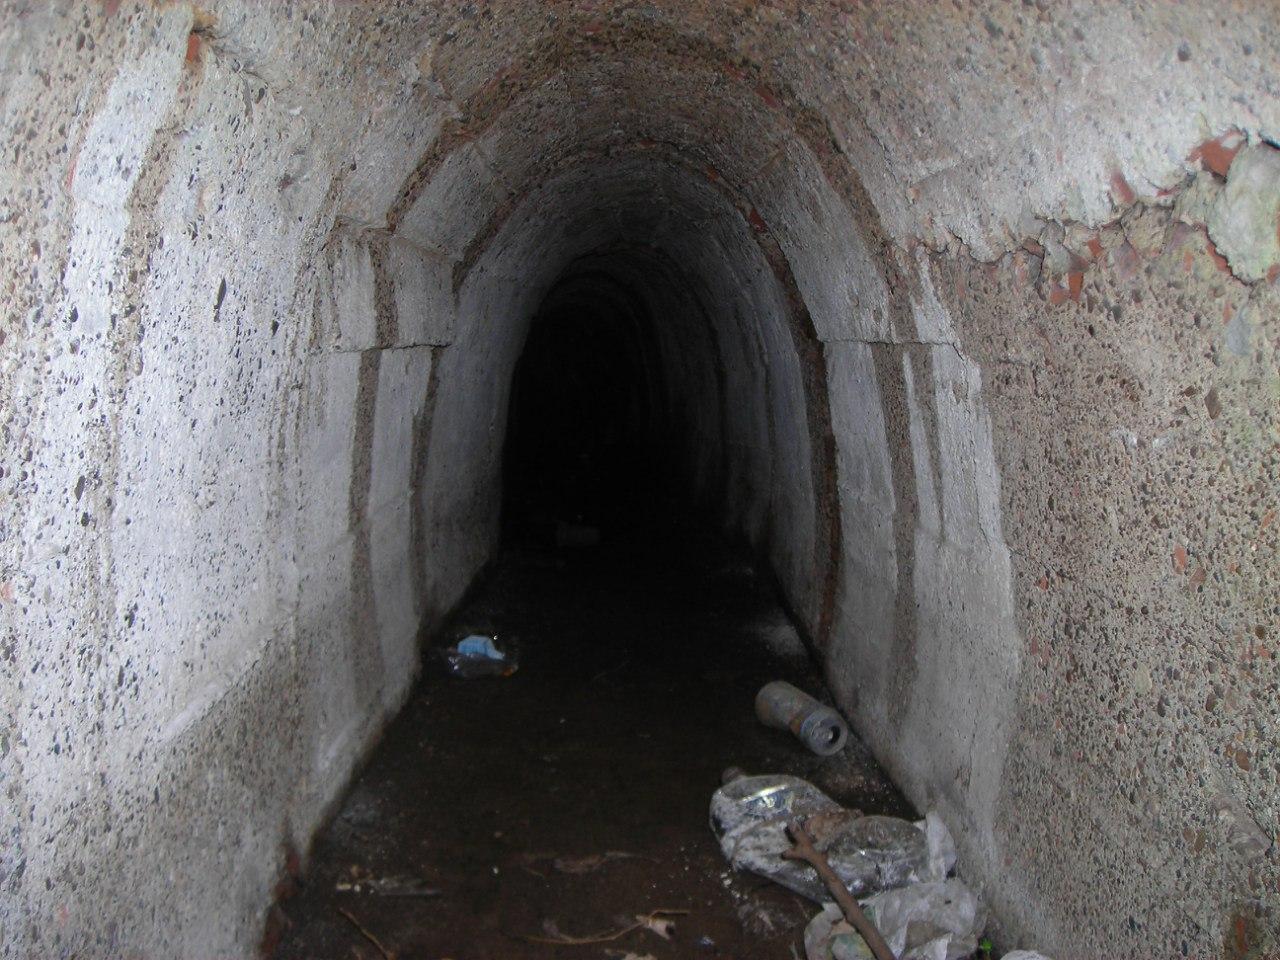 Участок дореволюционной ливнёвой канализации под улицей Куйбышева